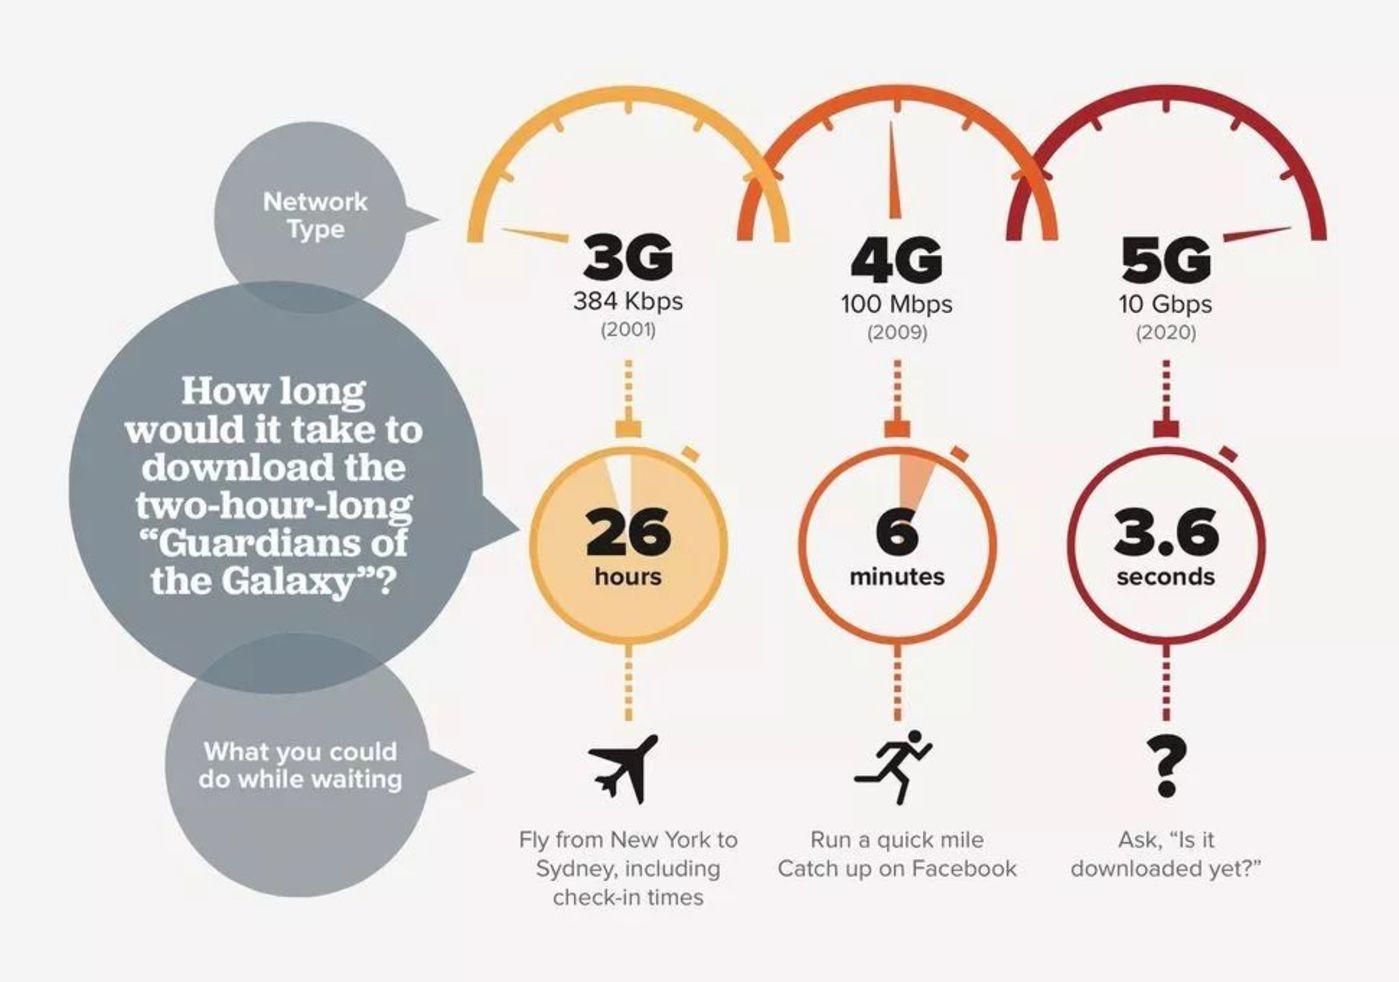 当我们谈5G速度快时,我们在谈论什么?